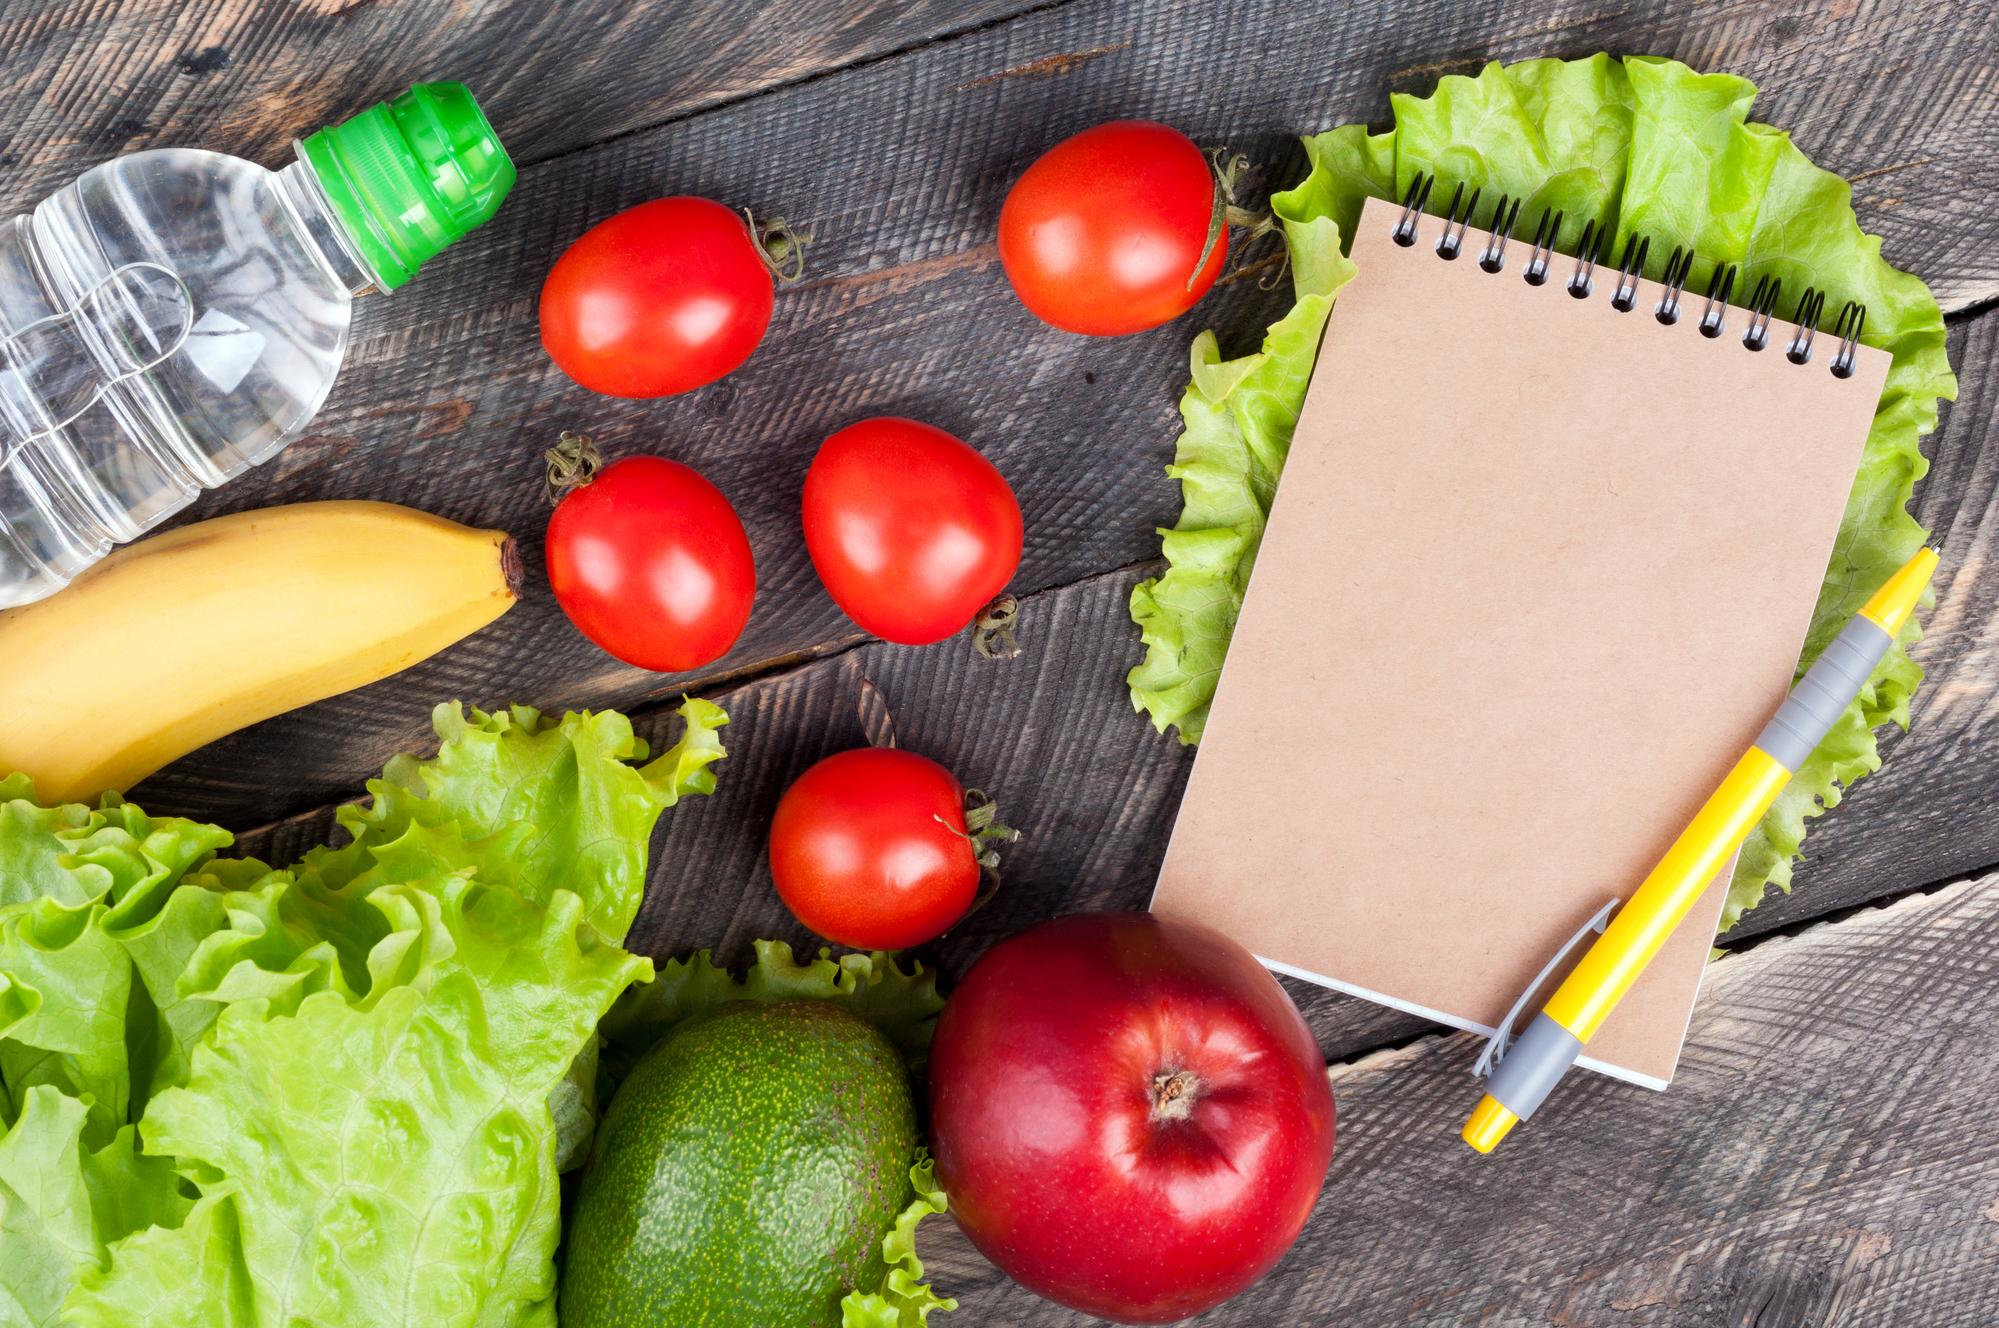 Ульяна Супрун посоветовала, как недорого и правильно питаться